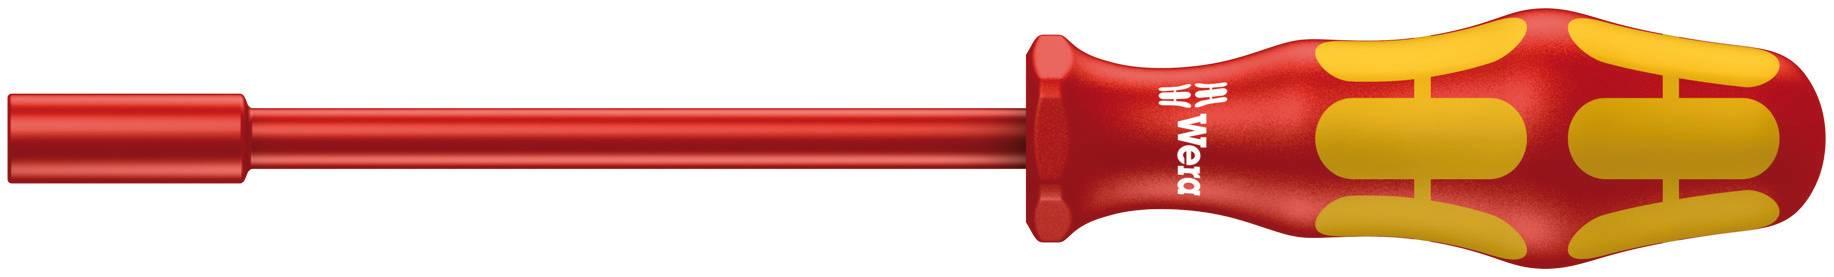 Šestihranný nástrčný klíč VDE Wera, 8 mm